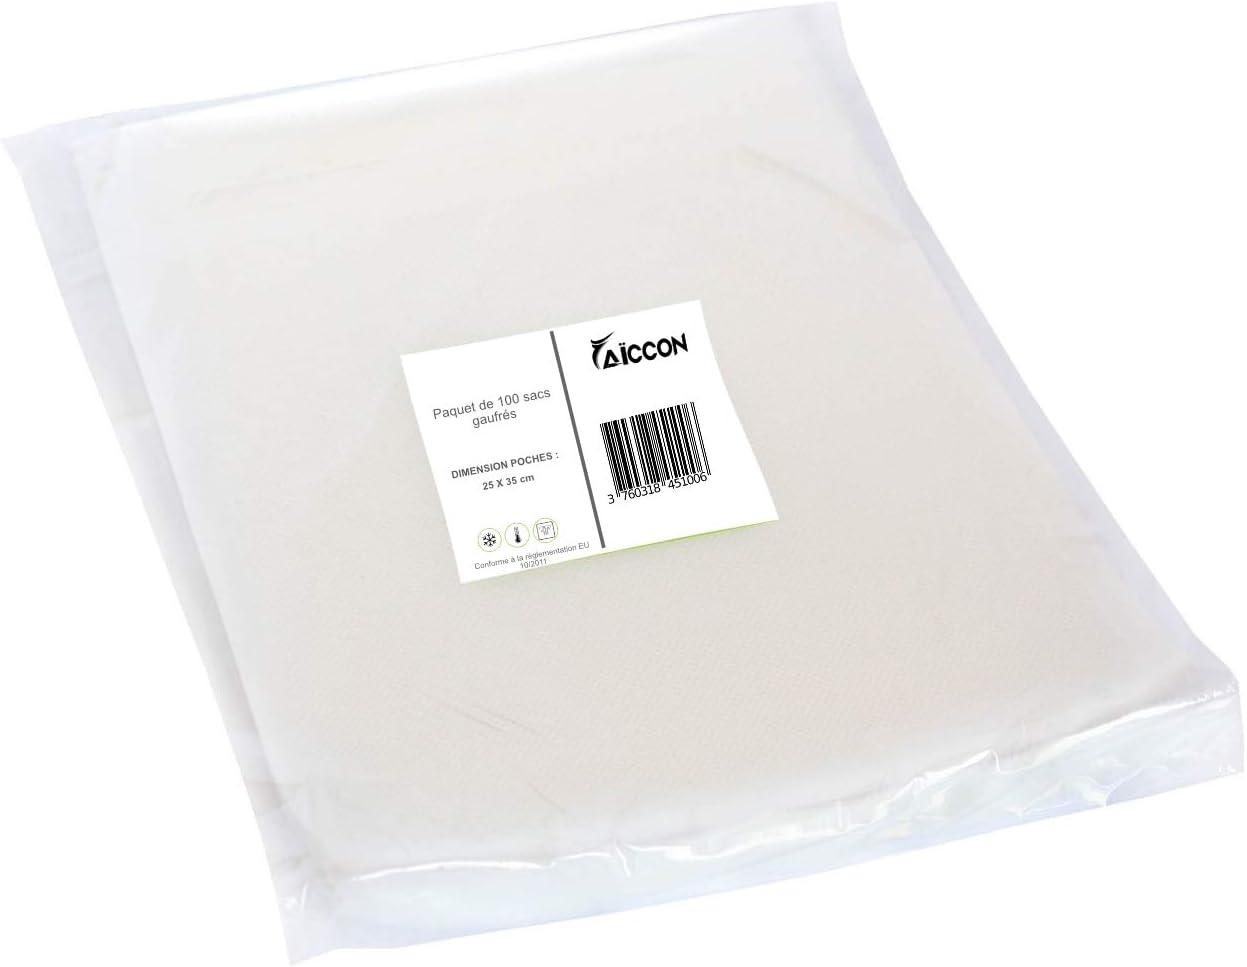 25 x 35 cm Sacs sous Vide Alimentaire Poches Gaufr/és Paquet de 100 sacs